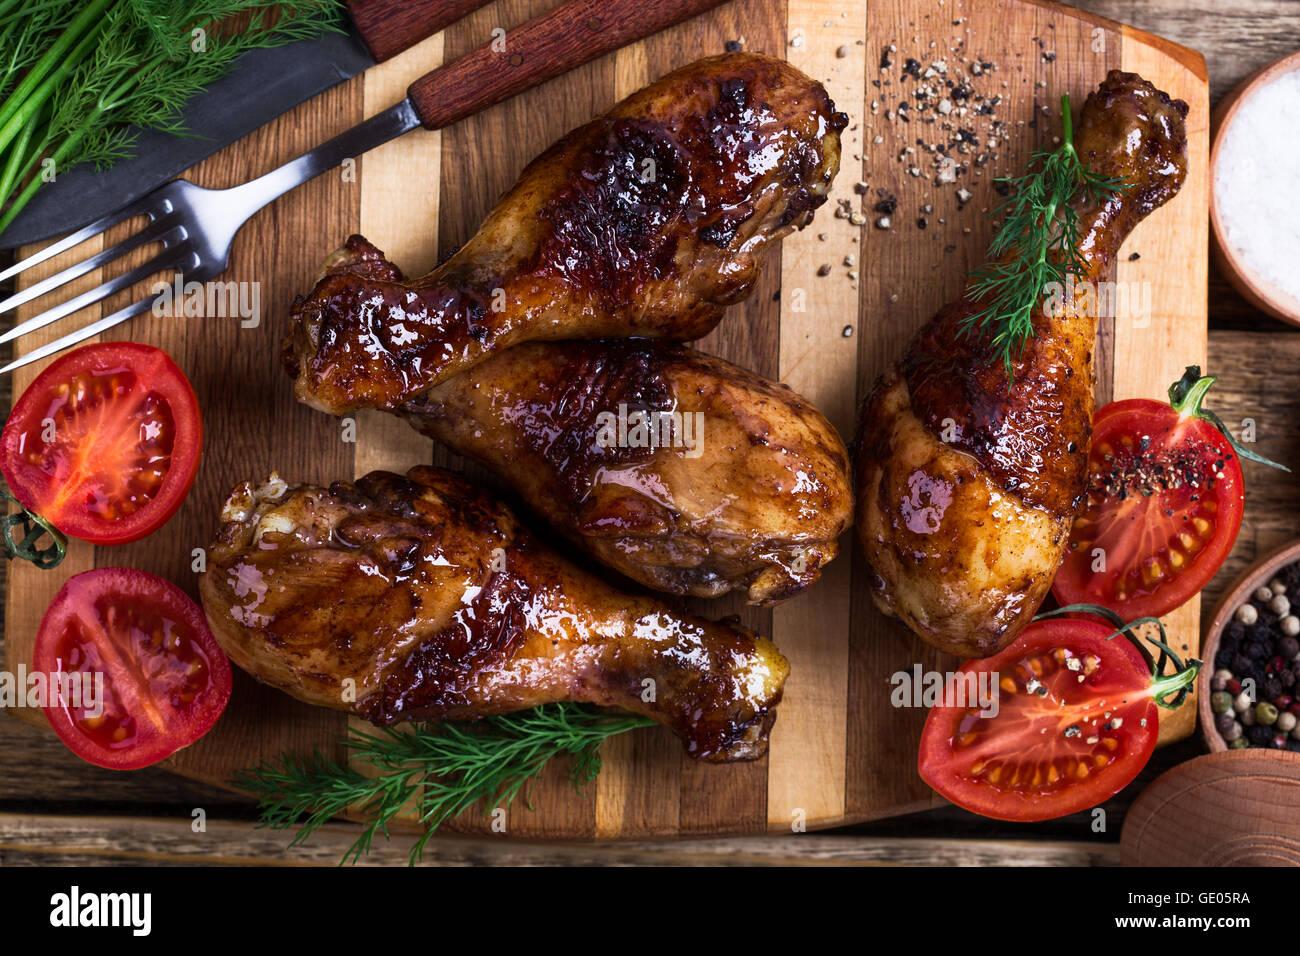 Cuisses de poulet rôti maison rustique sur planche en bois (vue de dessus Photo Stock